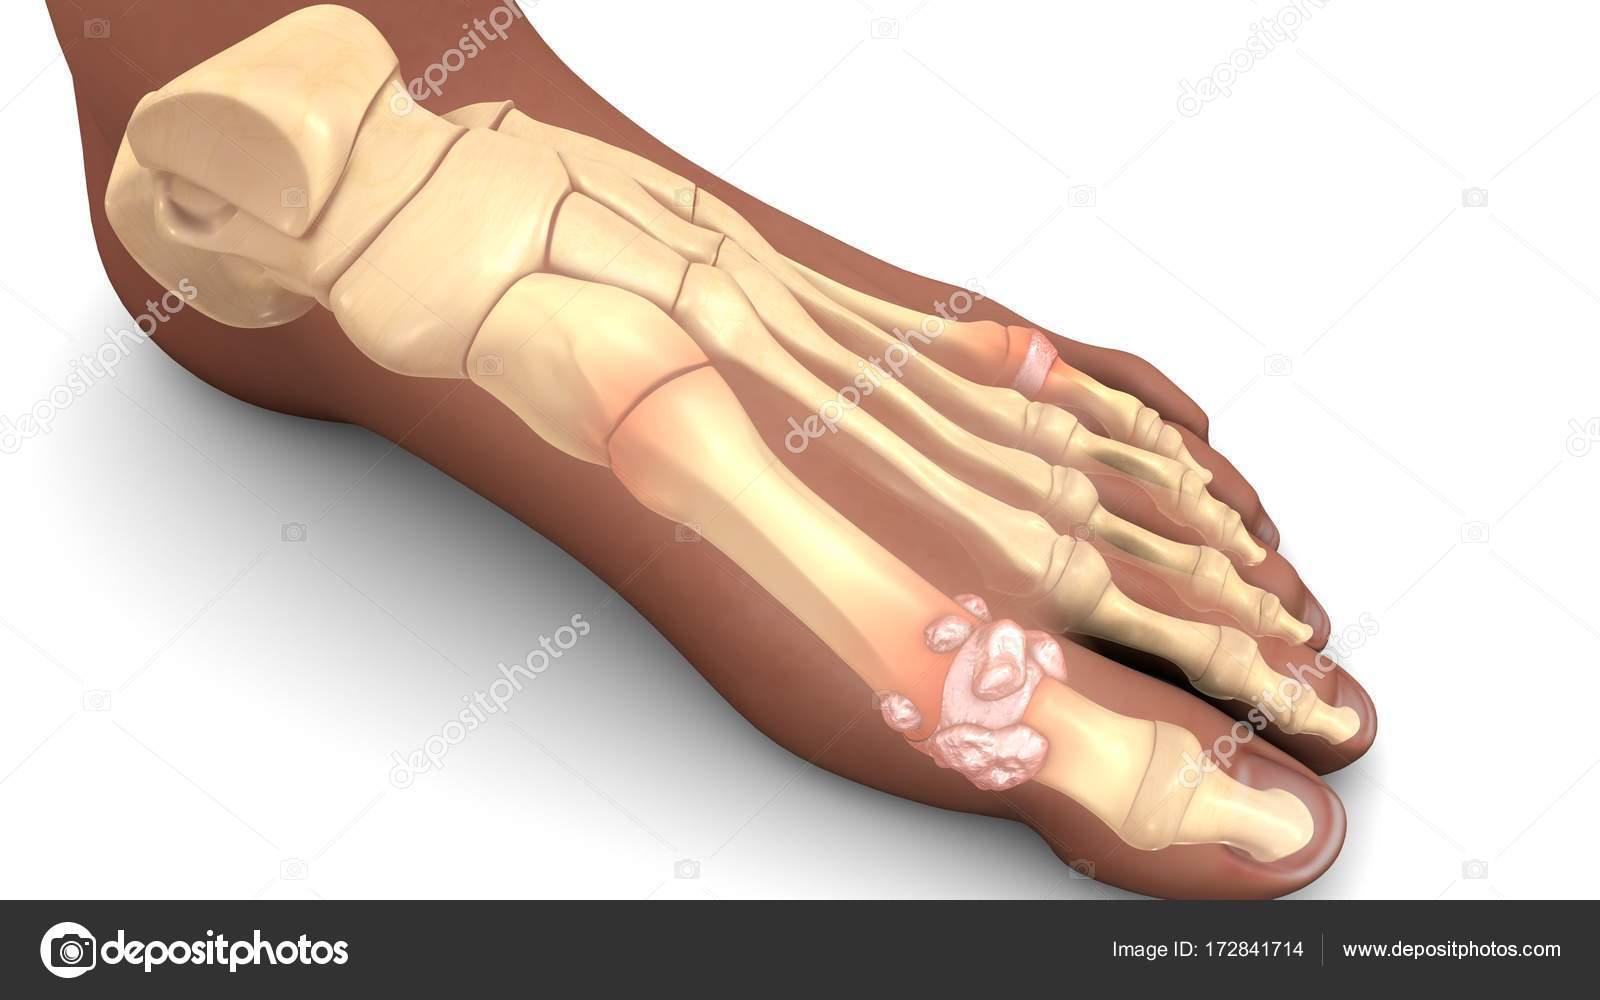 huesos del pie humano — Foto de stock © sciencepics #172841714